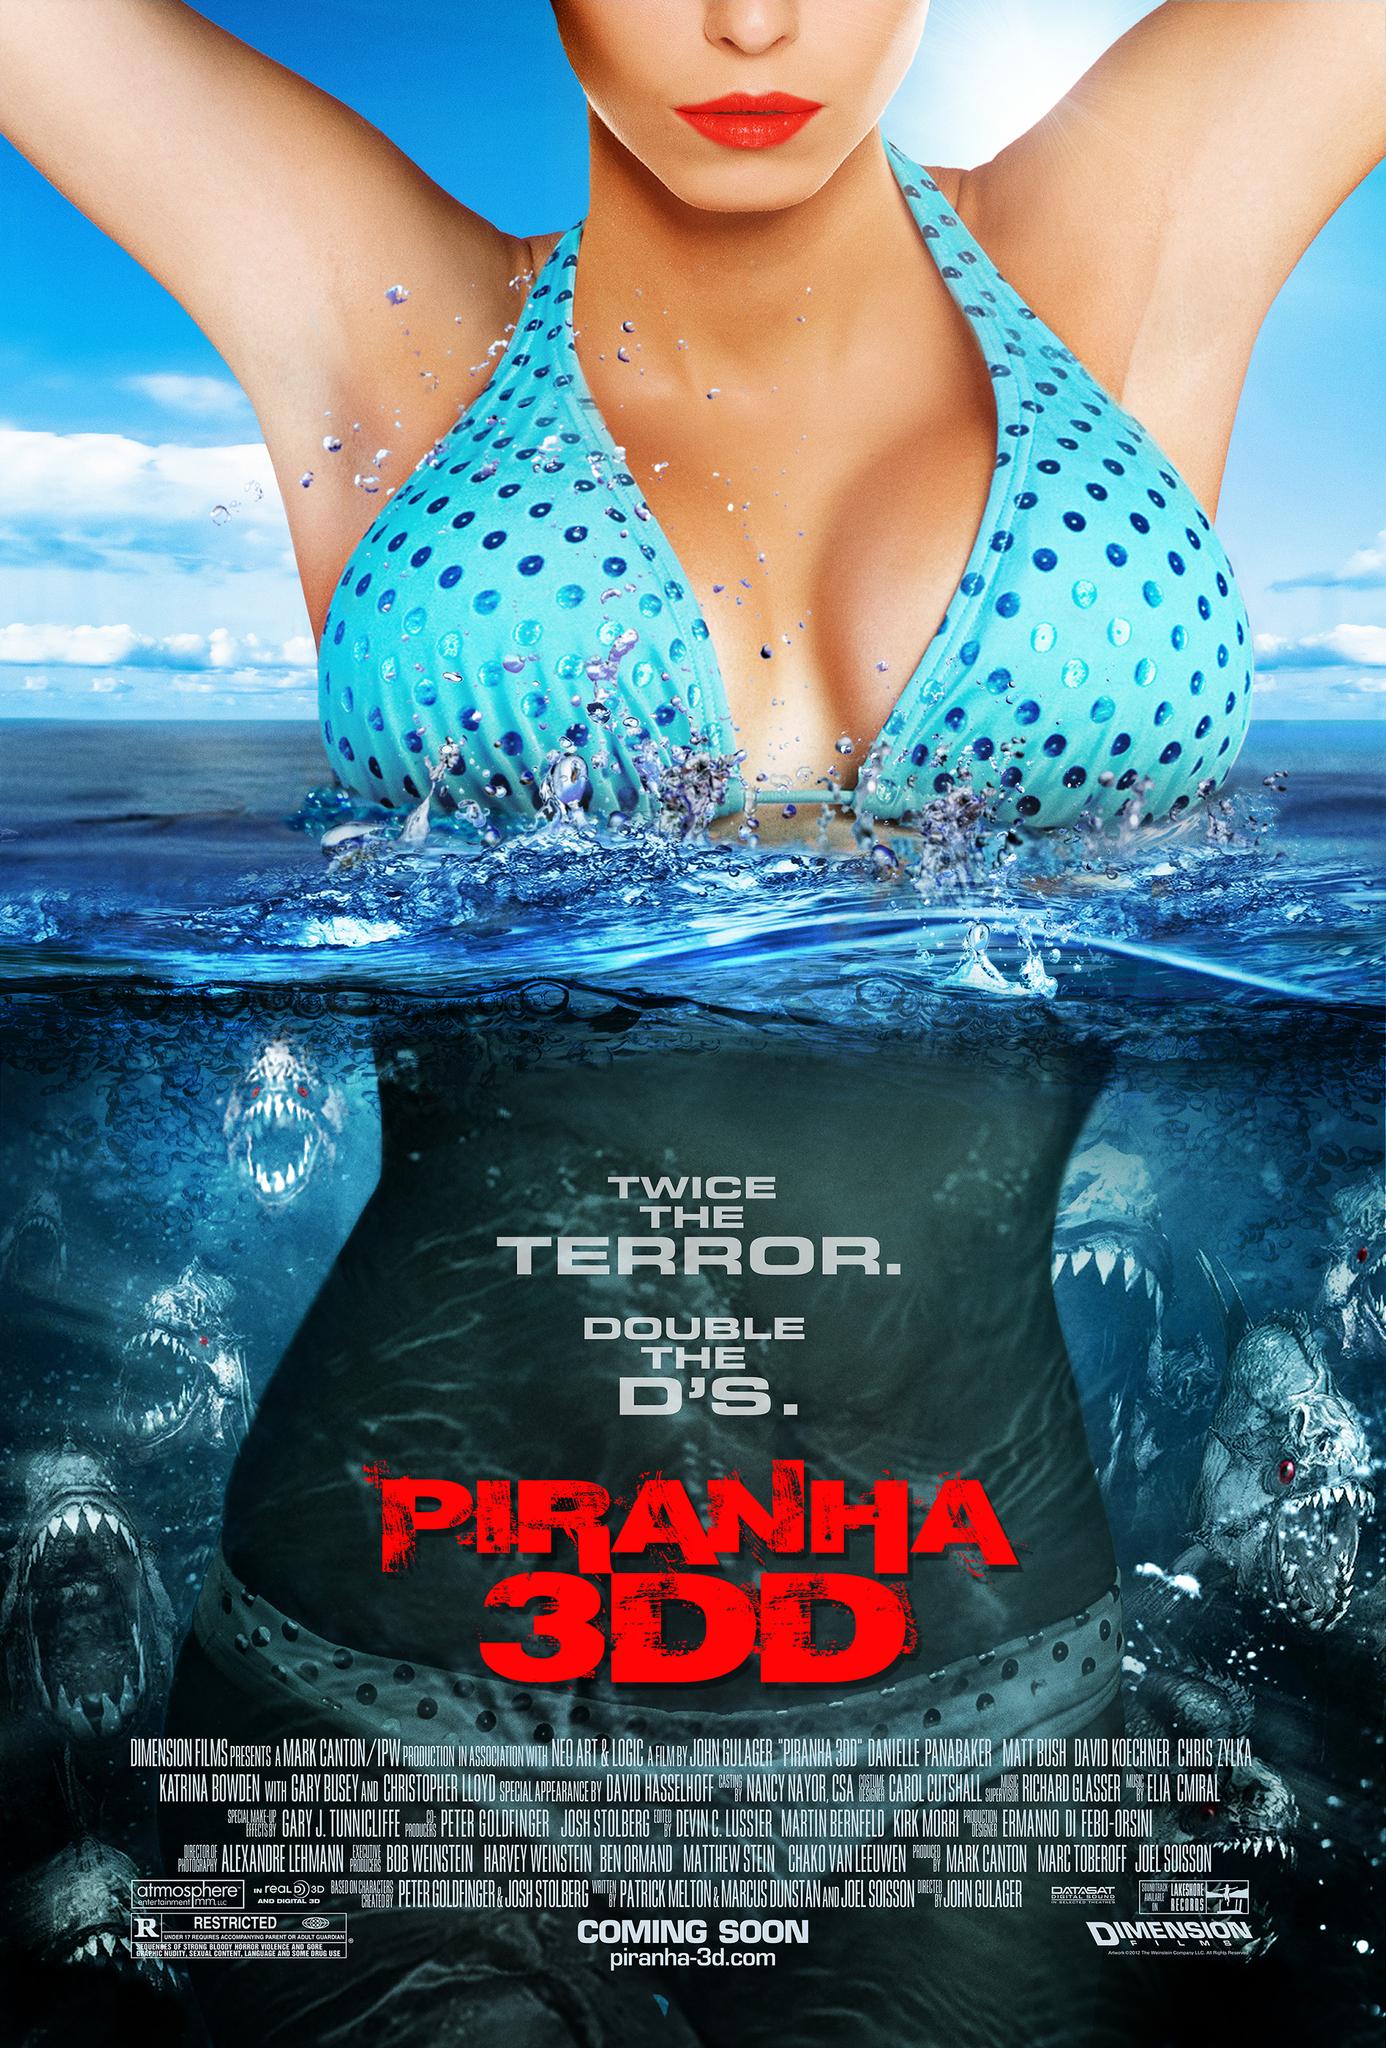 Resultado de imagem para piranha 3ddd